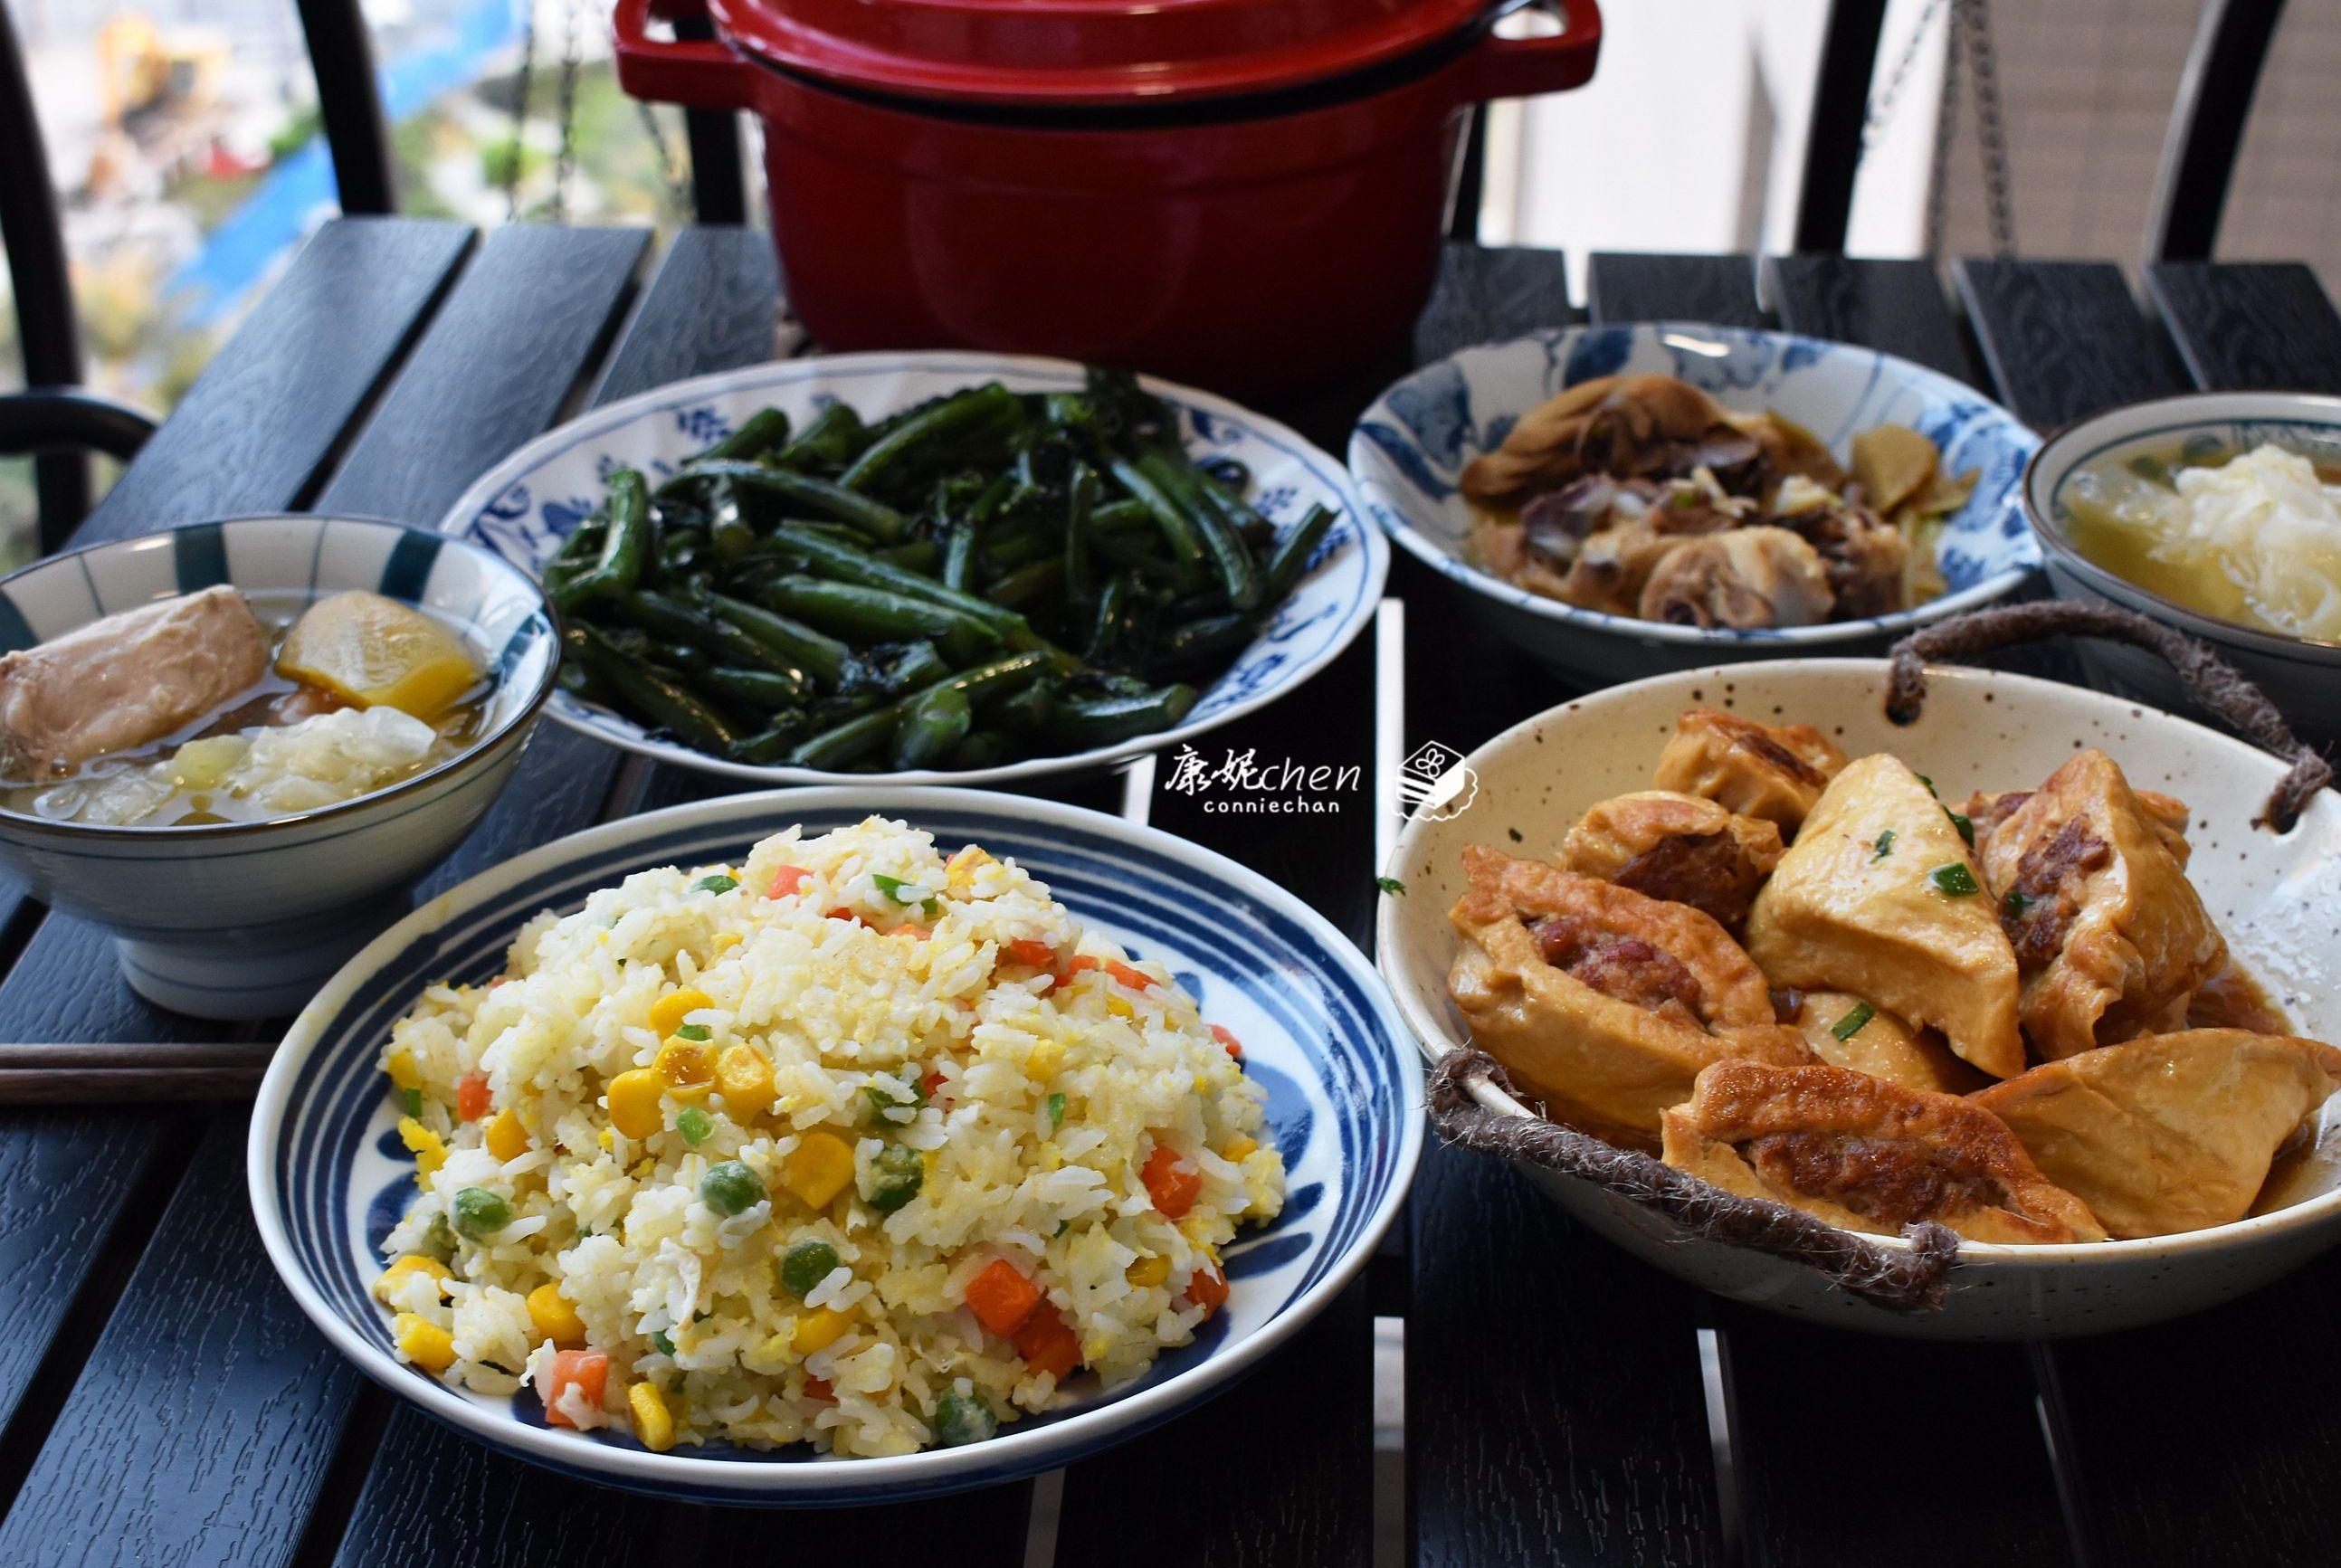 周六老公上班,我在家做了这桌菜,3菜1汤1主食,都是老公爱吃的